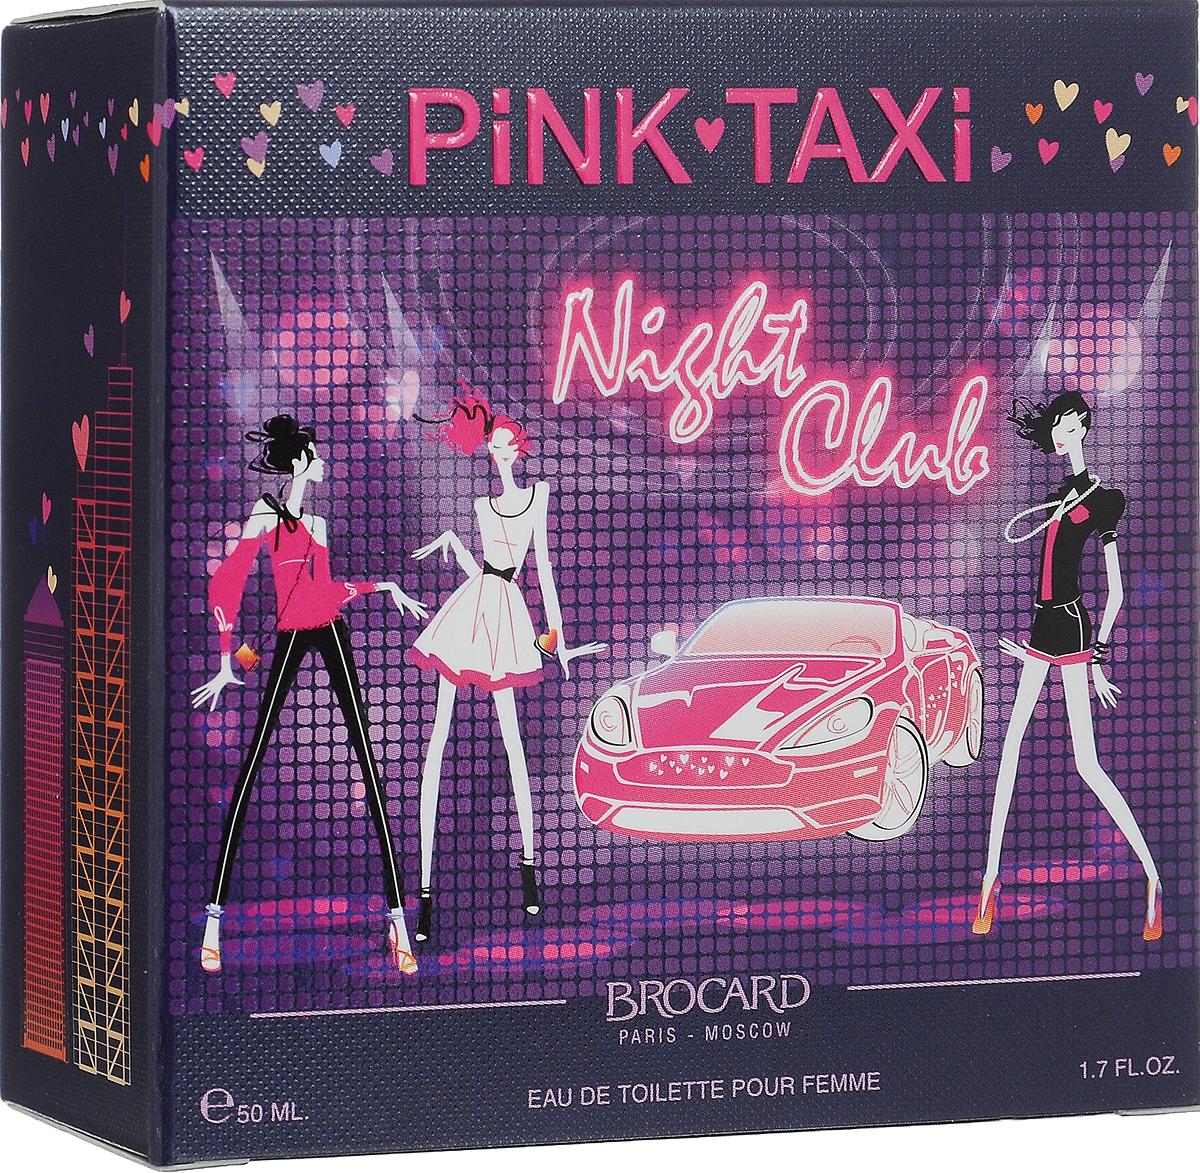 Brocard Pink Taxi Night Club Туалетная вода для женщин, 50 мл394474Цветочно-фруктовый, романтичный, искрящийся, динамичный аромат. Верхние ноты: вишня, малина, мандарин. Ноты сердца: гардения, пастила,орхидея. Базовые ноты: ваниль, сандал, мускус, белая кожа, кора дуба.Уважаемые клиенты! Обращаем ваше внимание на то, что упаковка может иметь несколько видов дизайна. Поставка осуществляется в зависимости от наличия на складе.Краткий гид по парфюмерии: виды, ноты, ароматы, советы по выбору. Статья OZON Гид